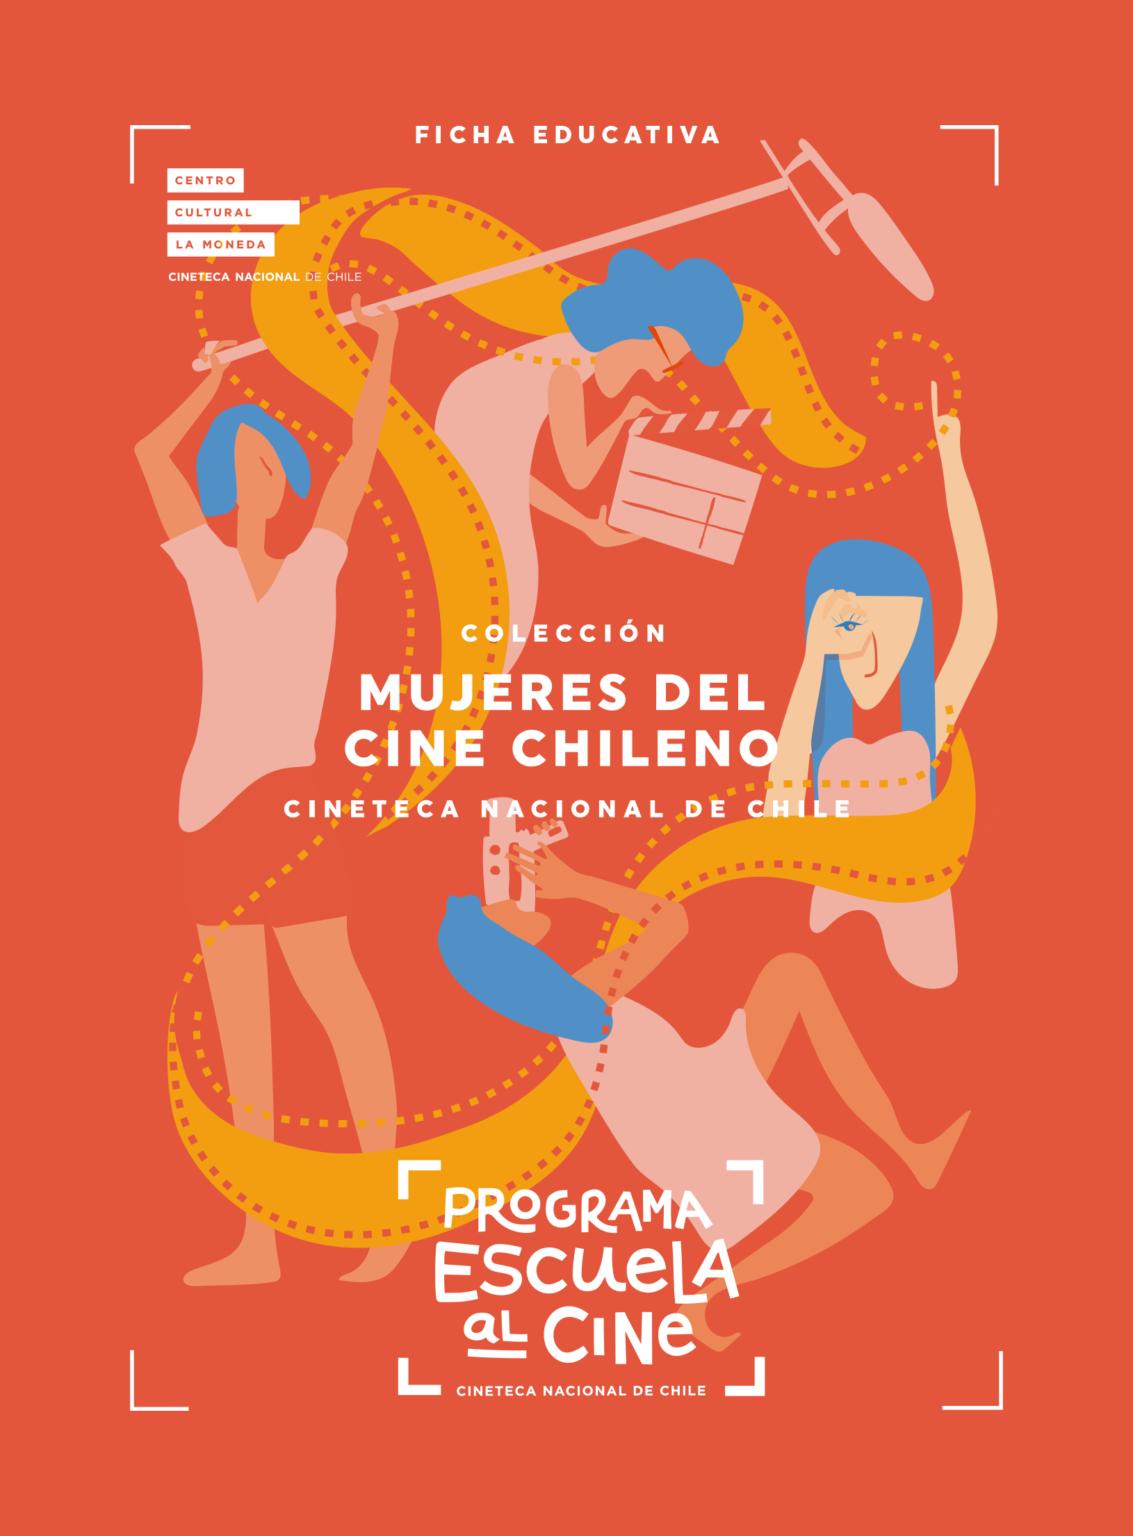 Colección Mujeres del cine chileno